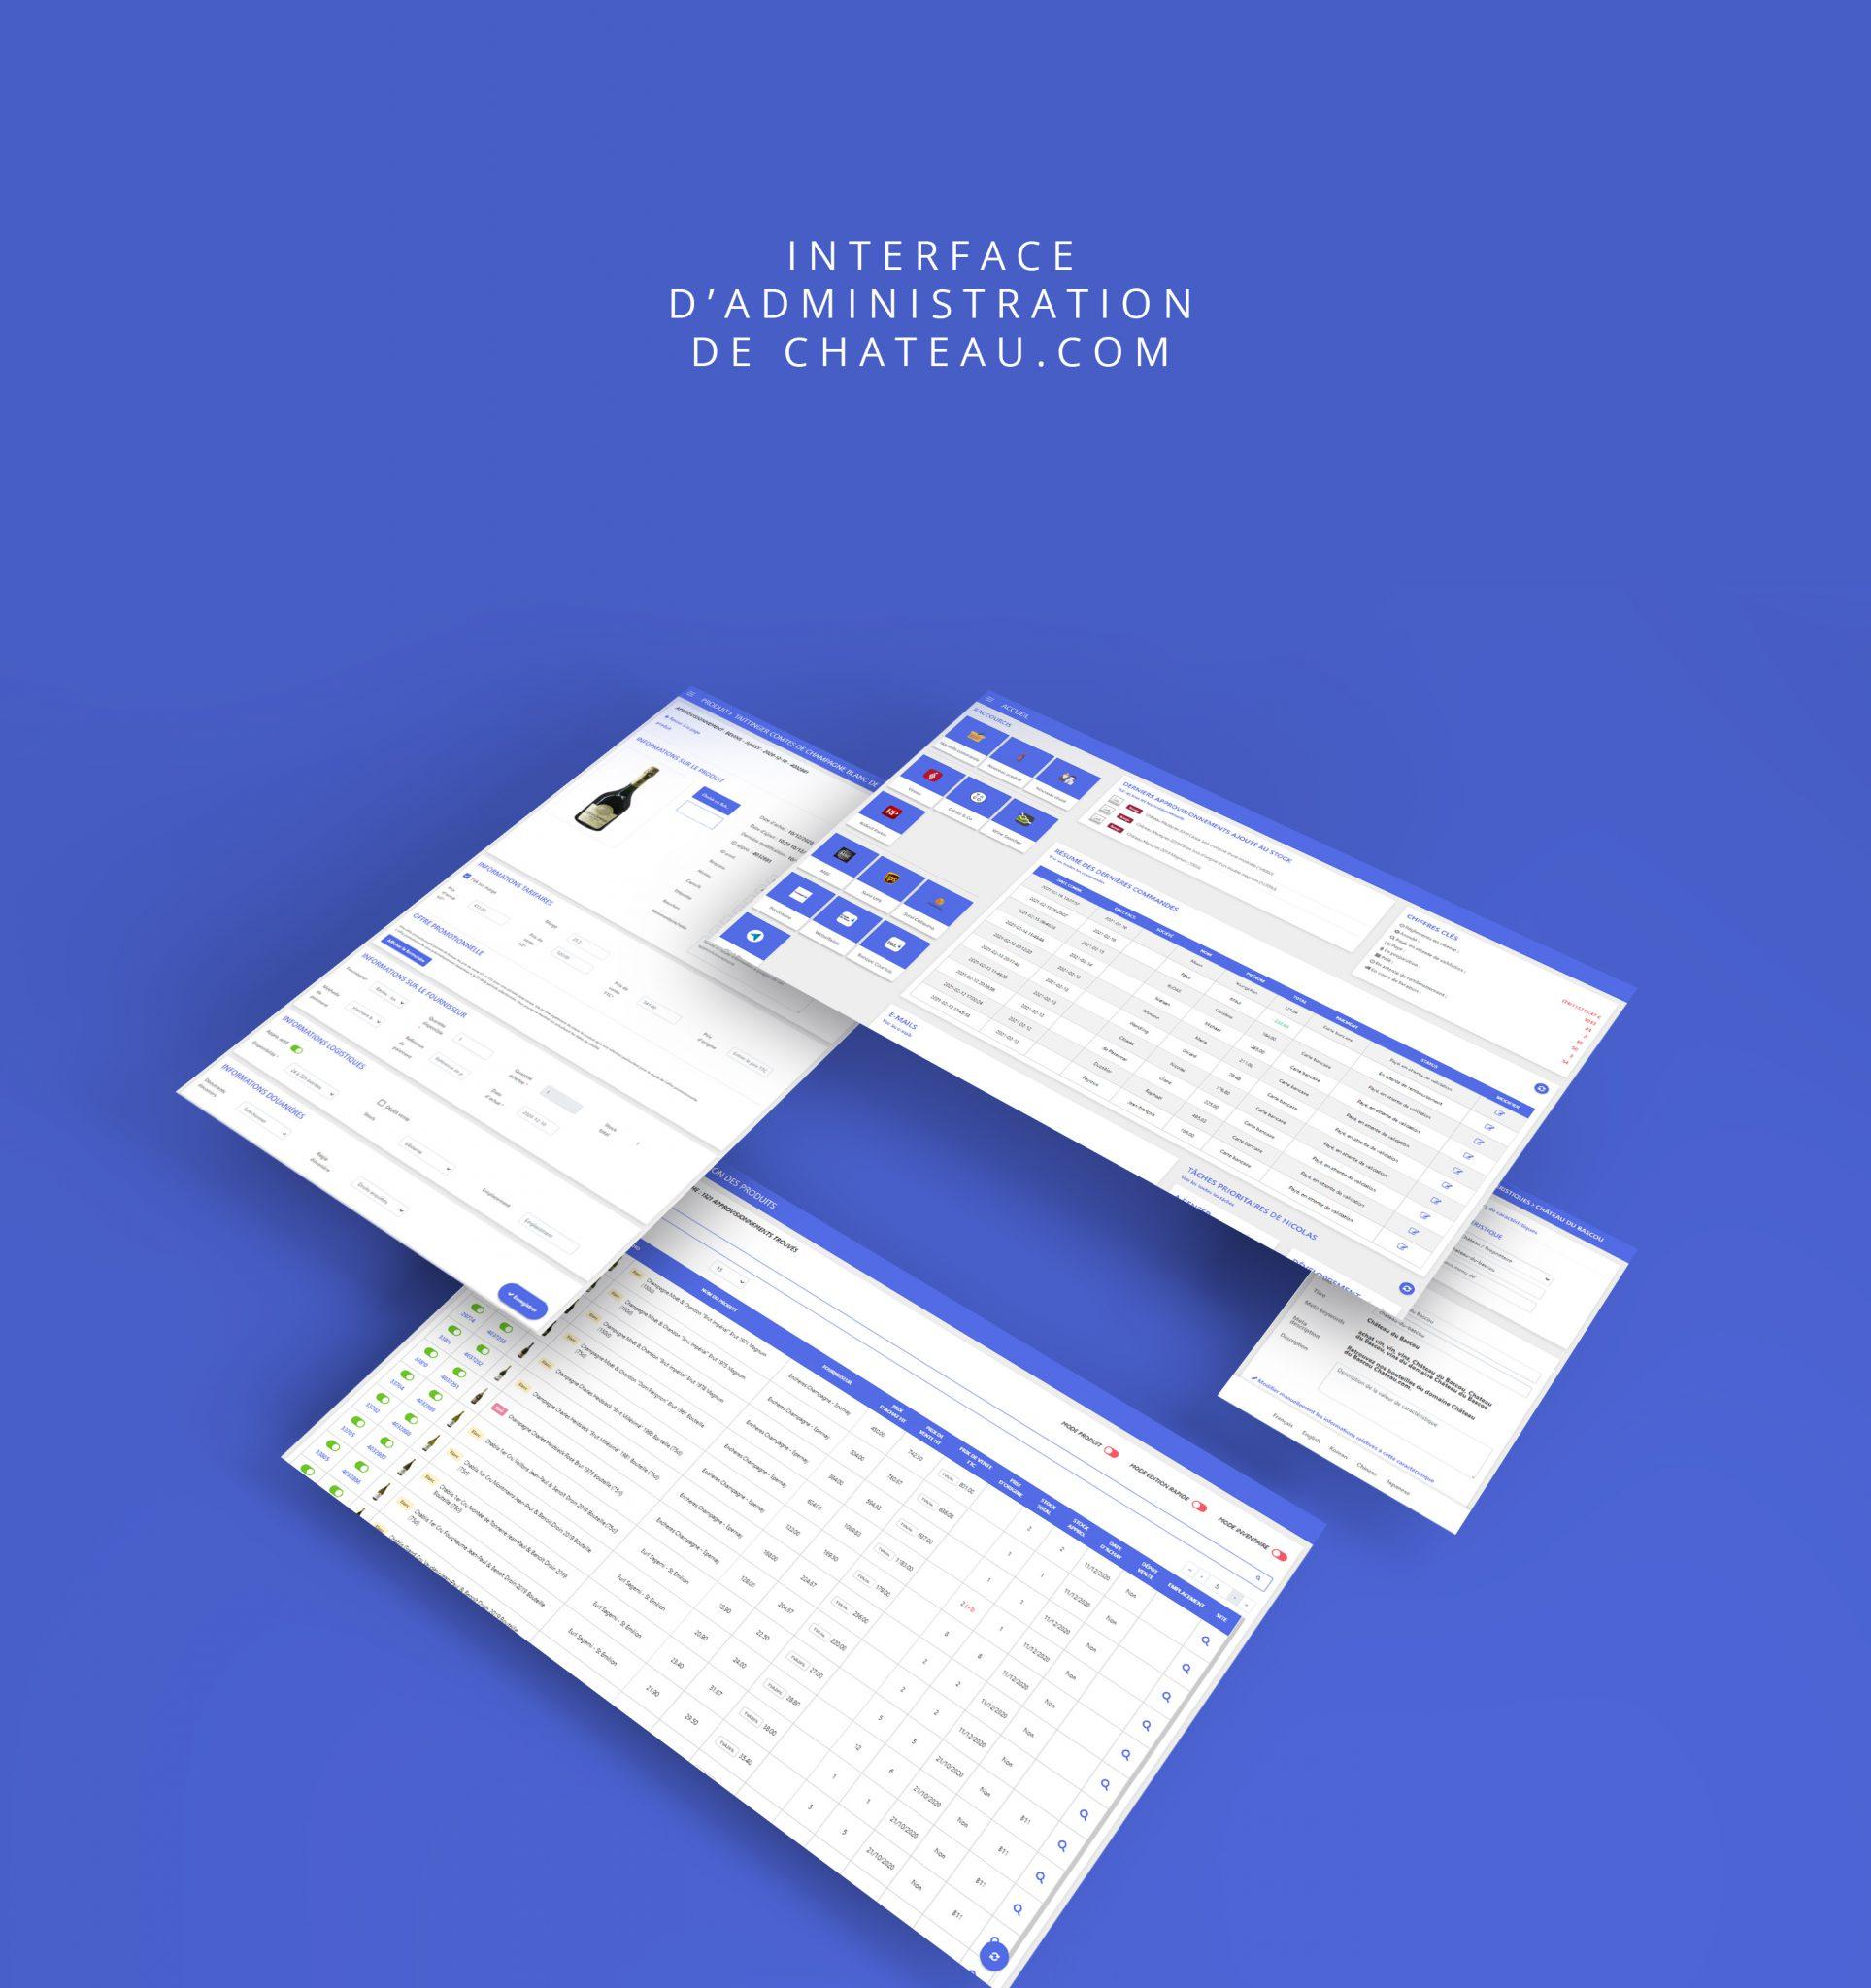 Webdesign d'une interface d'administration d'une boutique en ligne